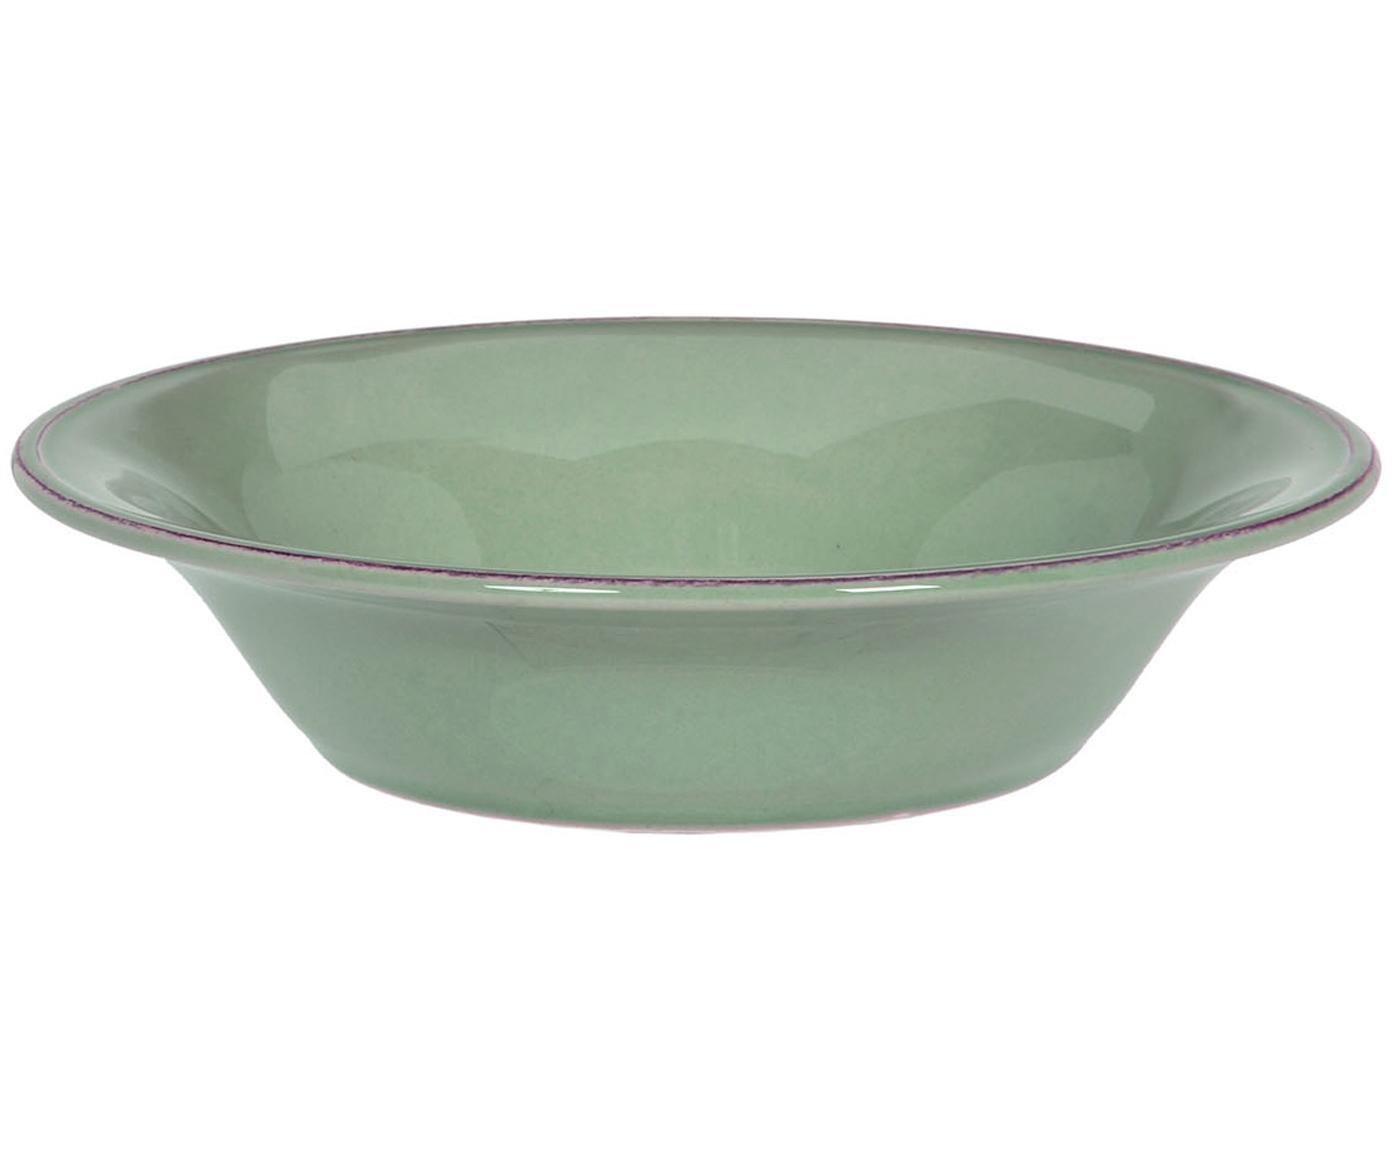 Ciotola verde salvia Constance 2 pz, Ceramica, Verde salvia, Ø 19 x Alt. 5 cm